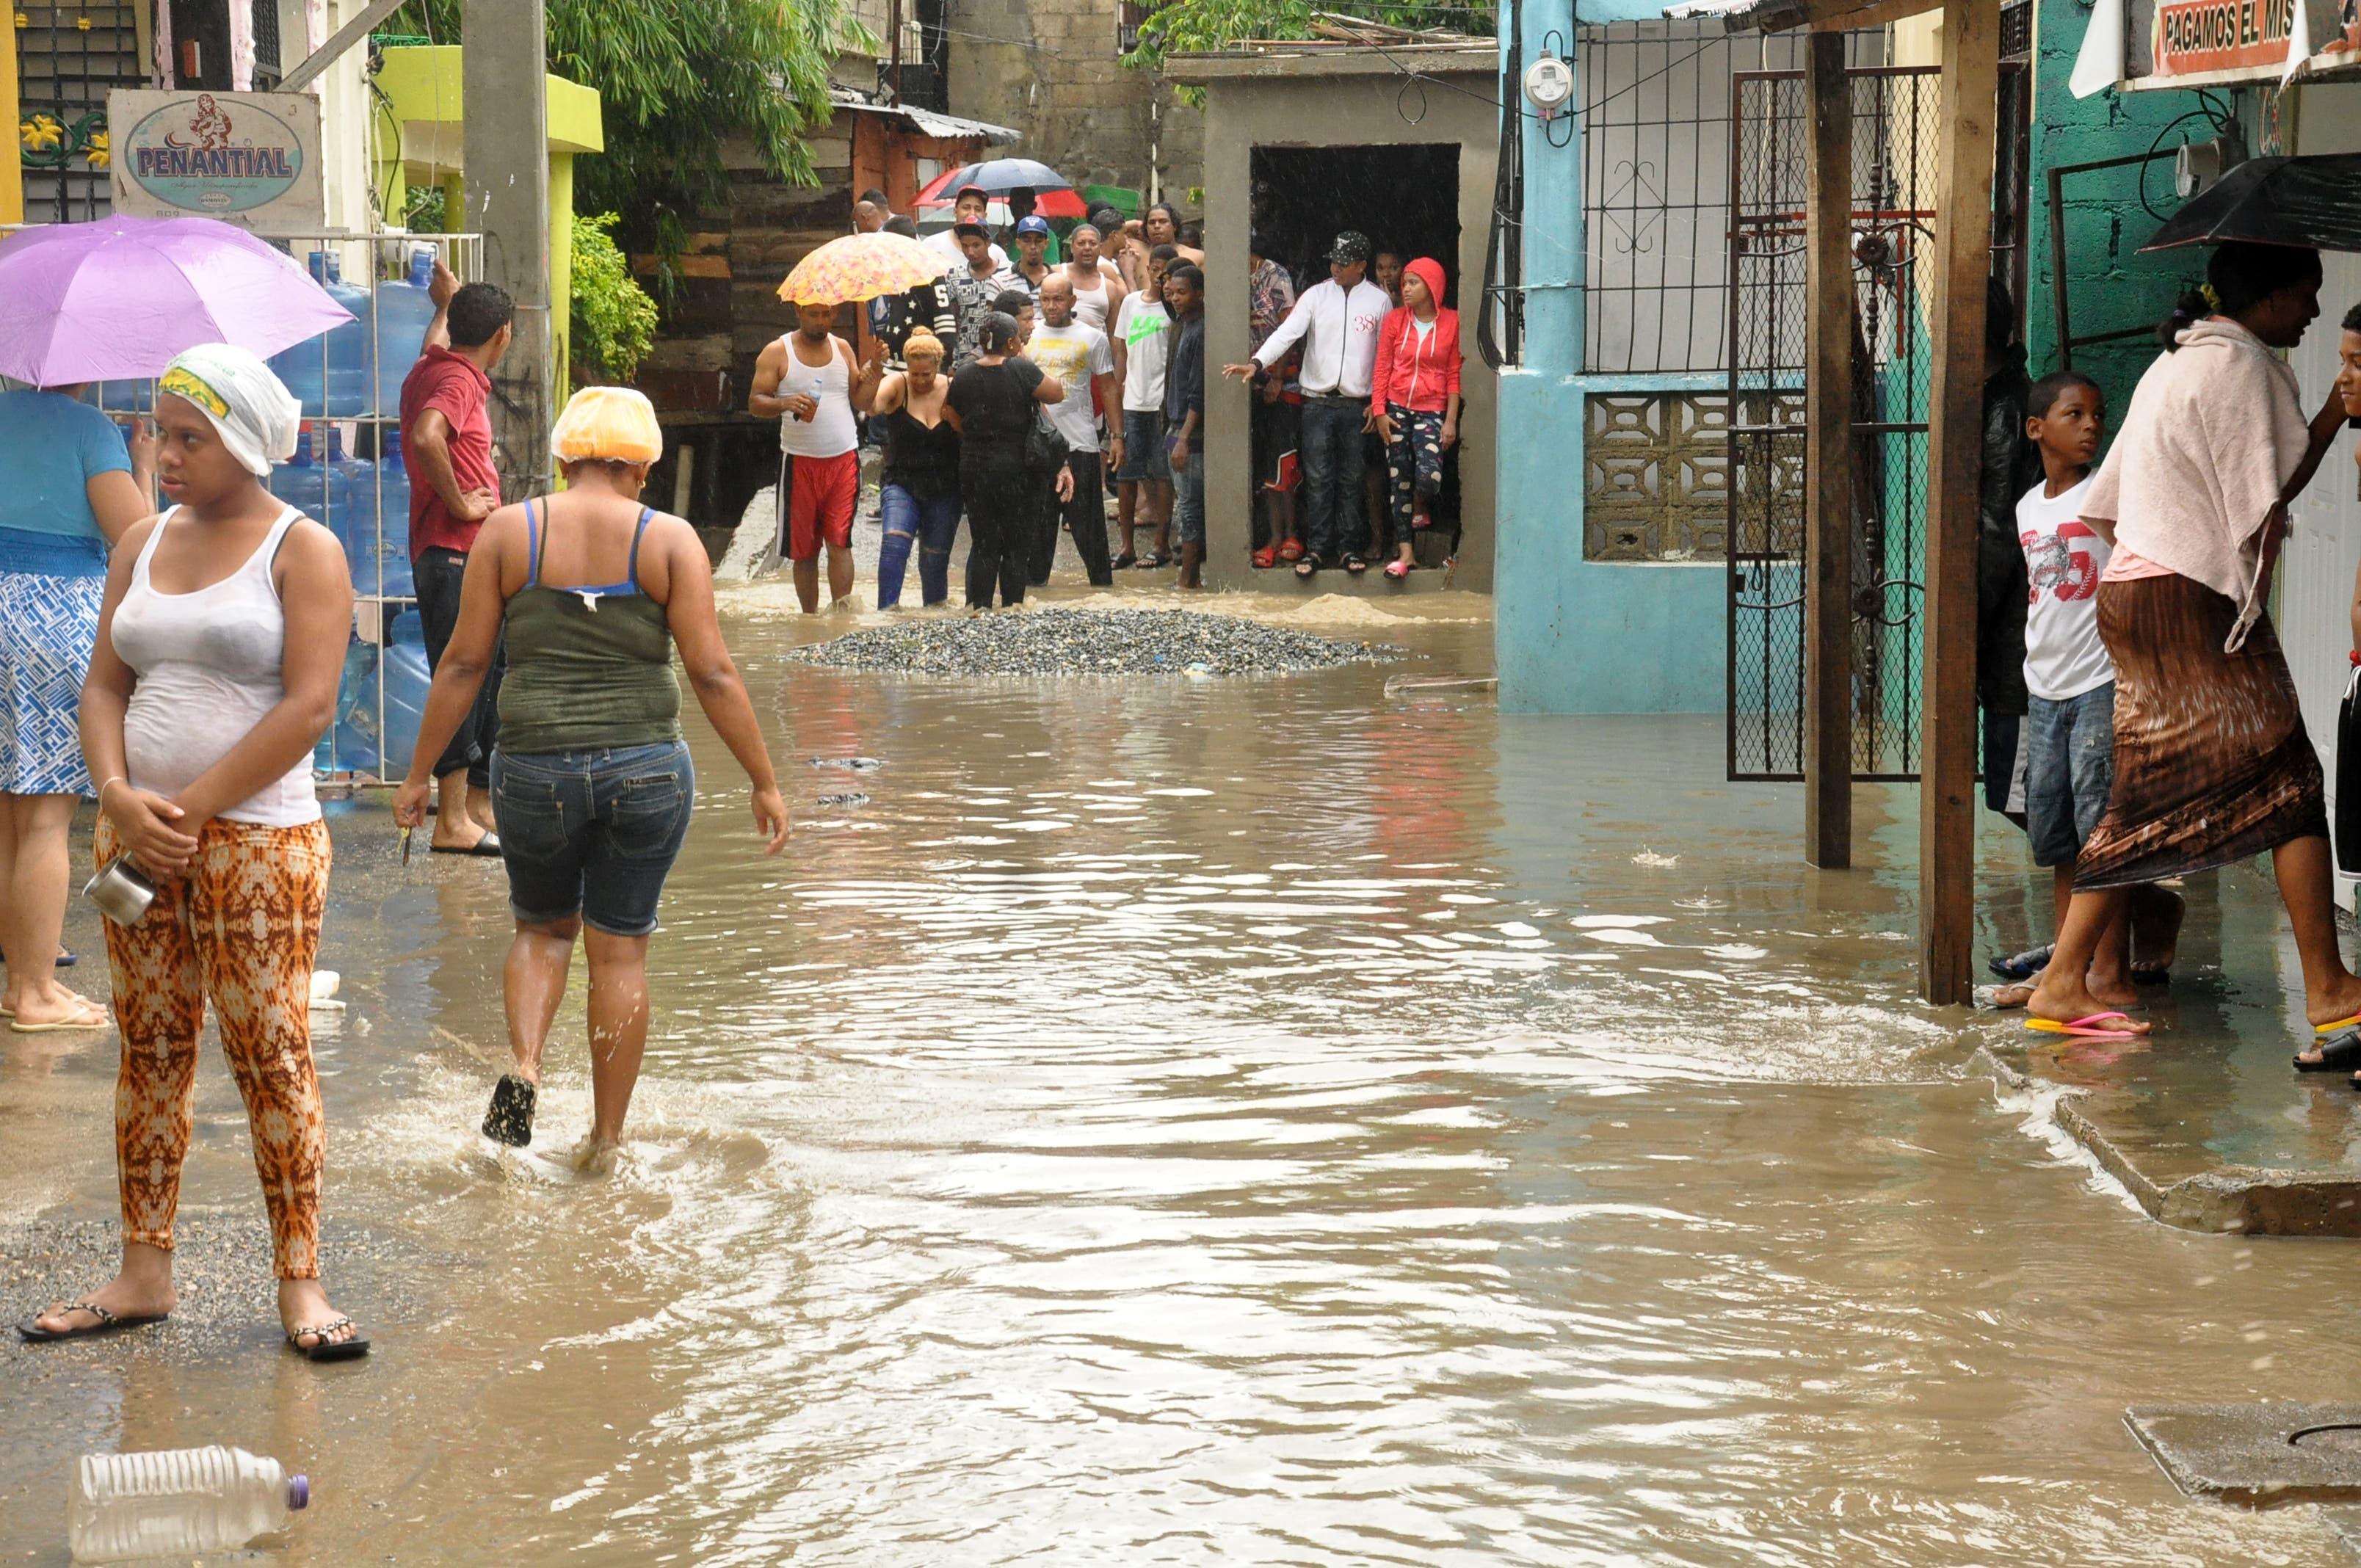 Las lluvias han provocado inundaciones en diferentes provincias/Foto: Fuente externa.